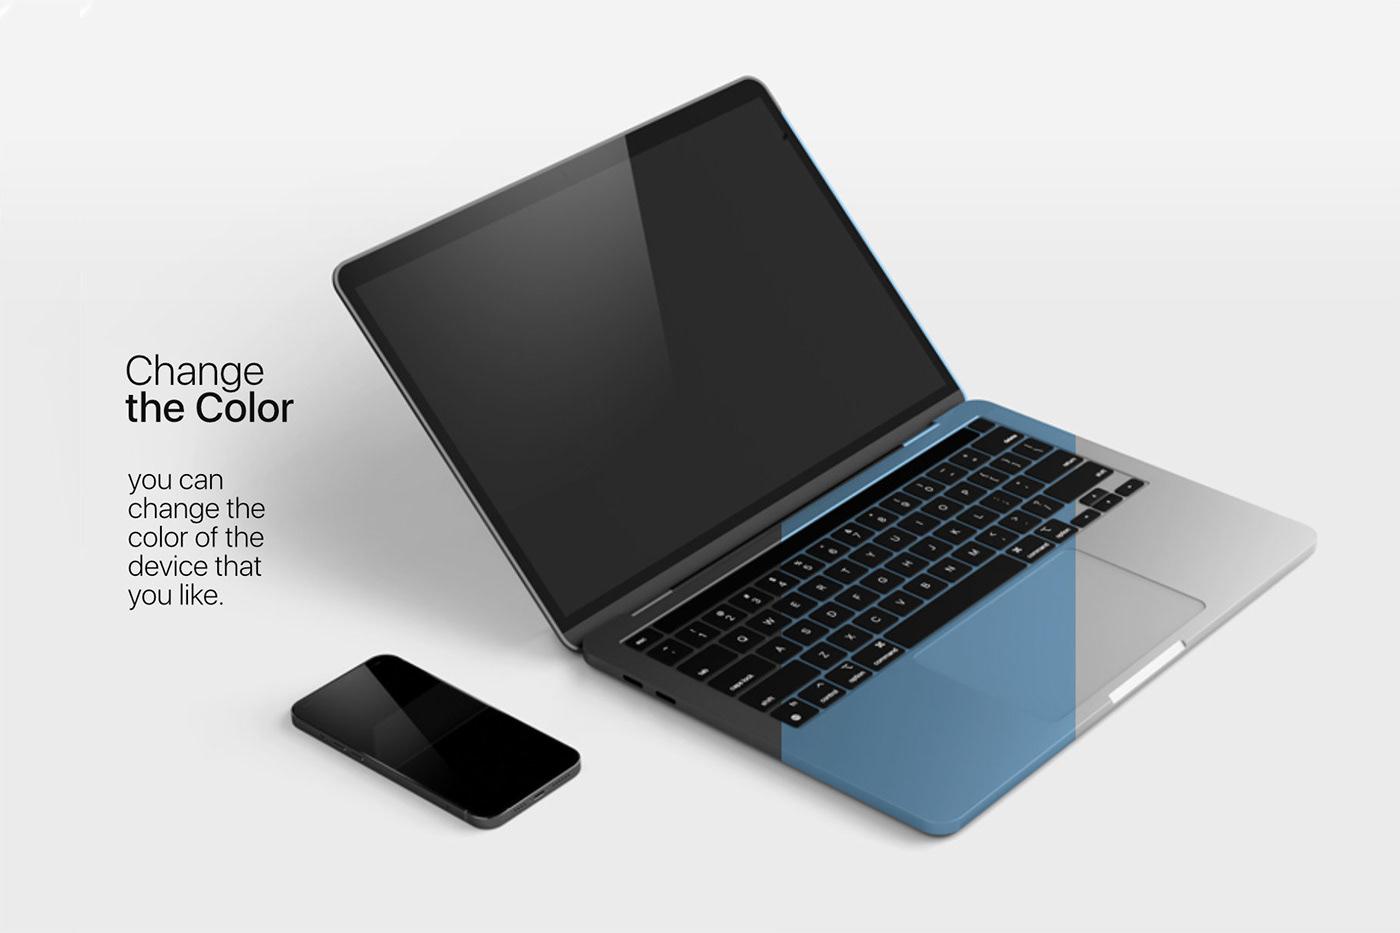 15个自适应网页APP界面设计苹果设备屏幕演示样机模板 UI/UX App Presentation – Phone & Notebook Mockup插图3